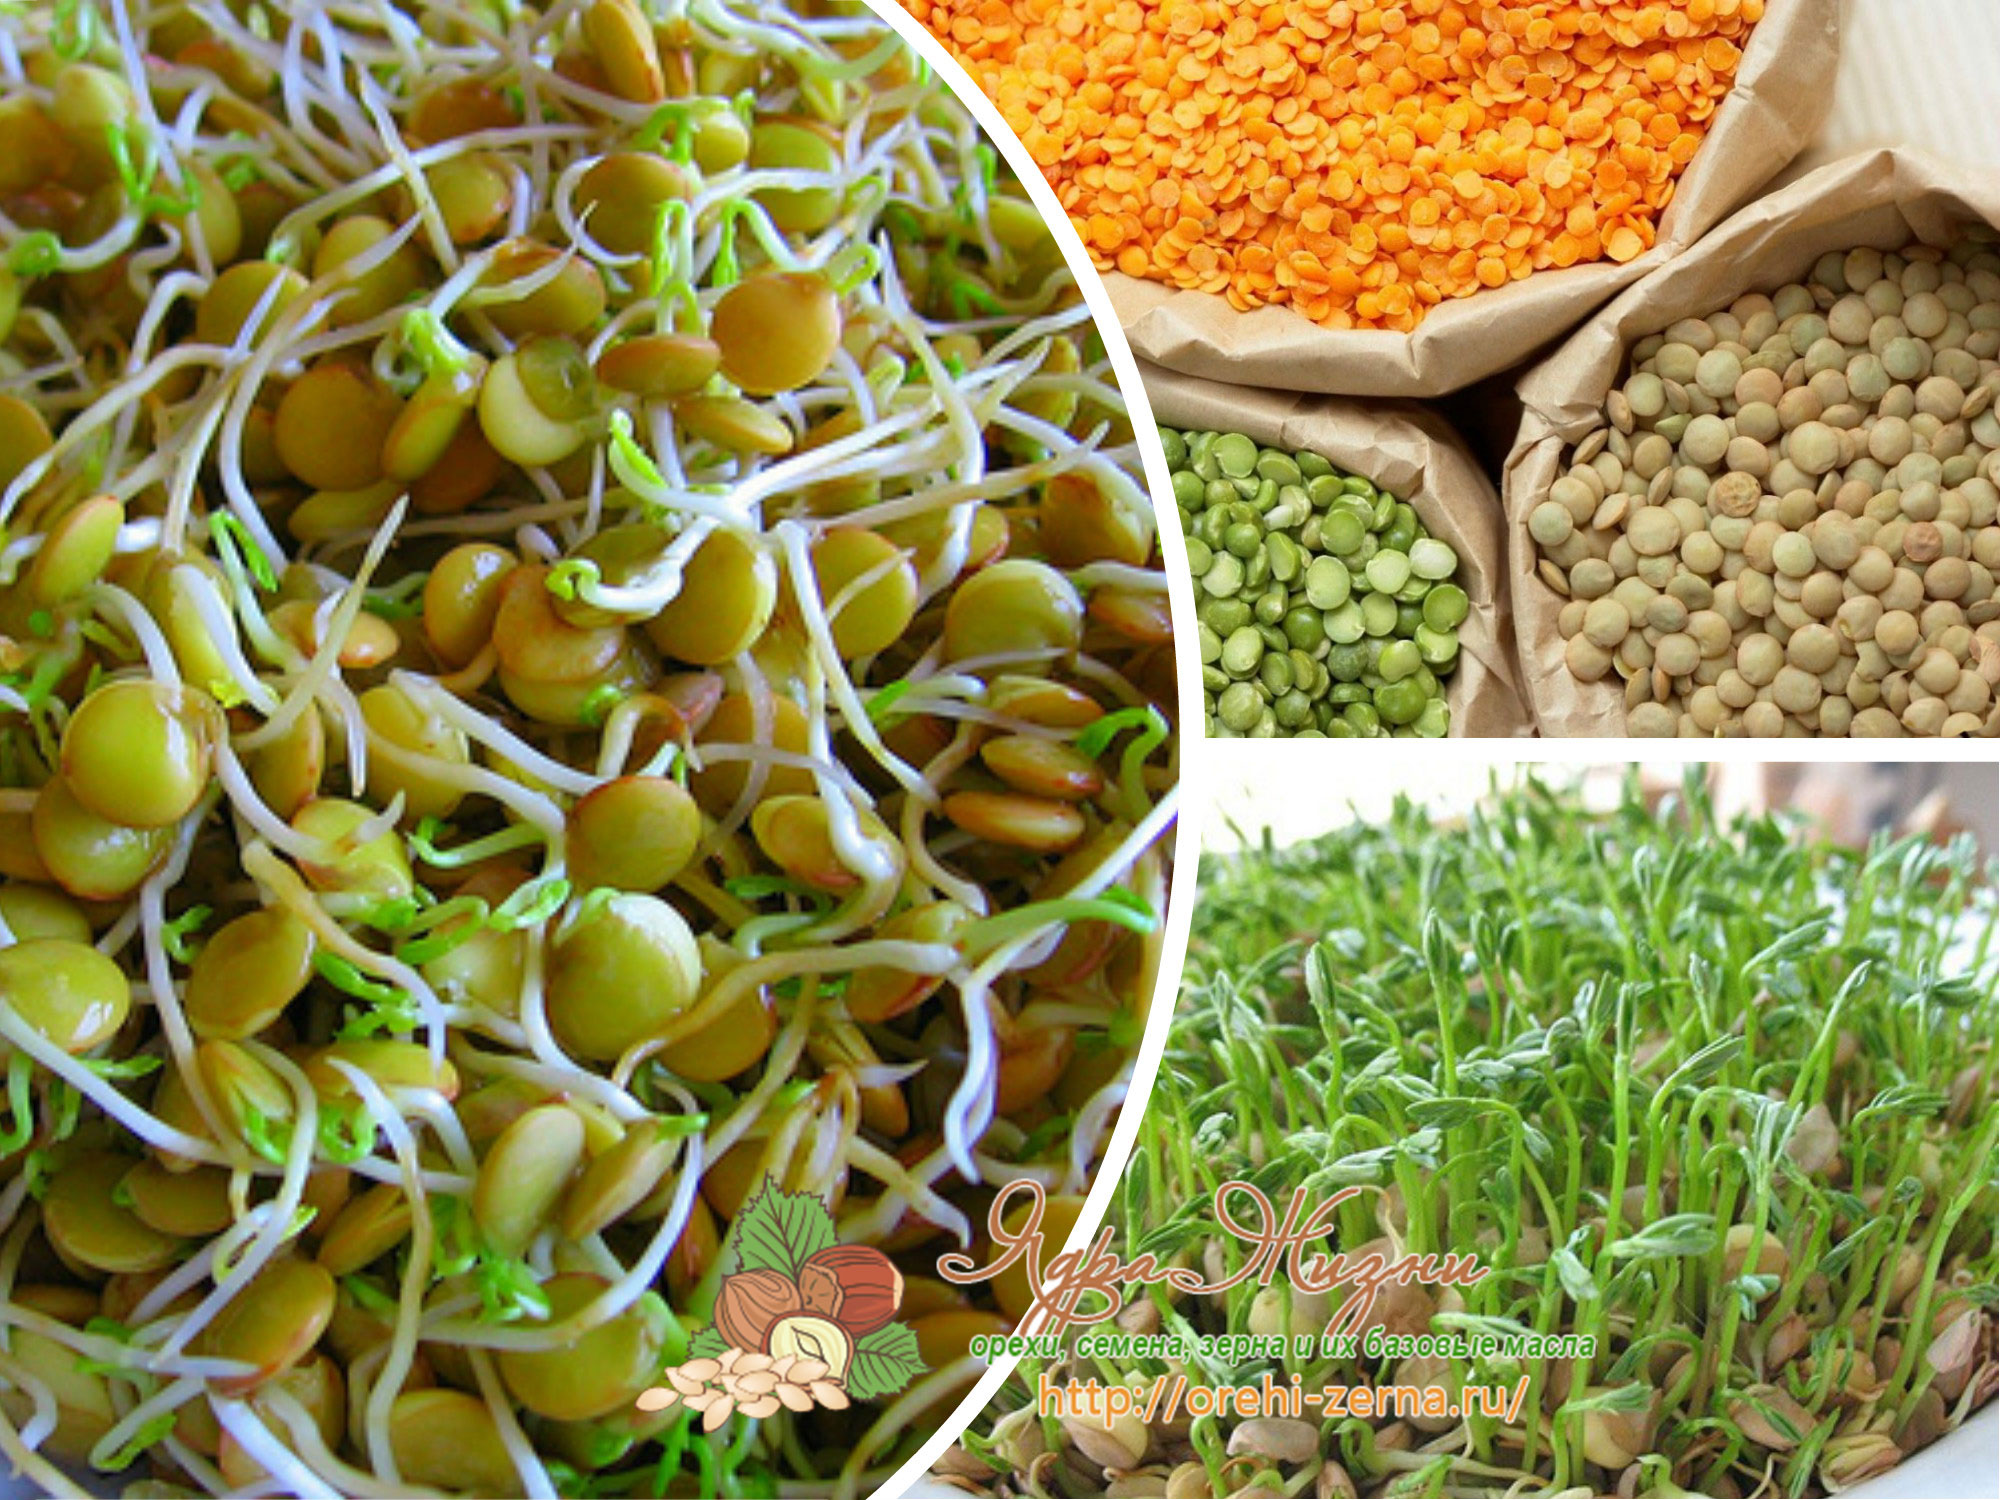 Как проращивать пшеницу в домашних условиях?